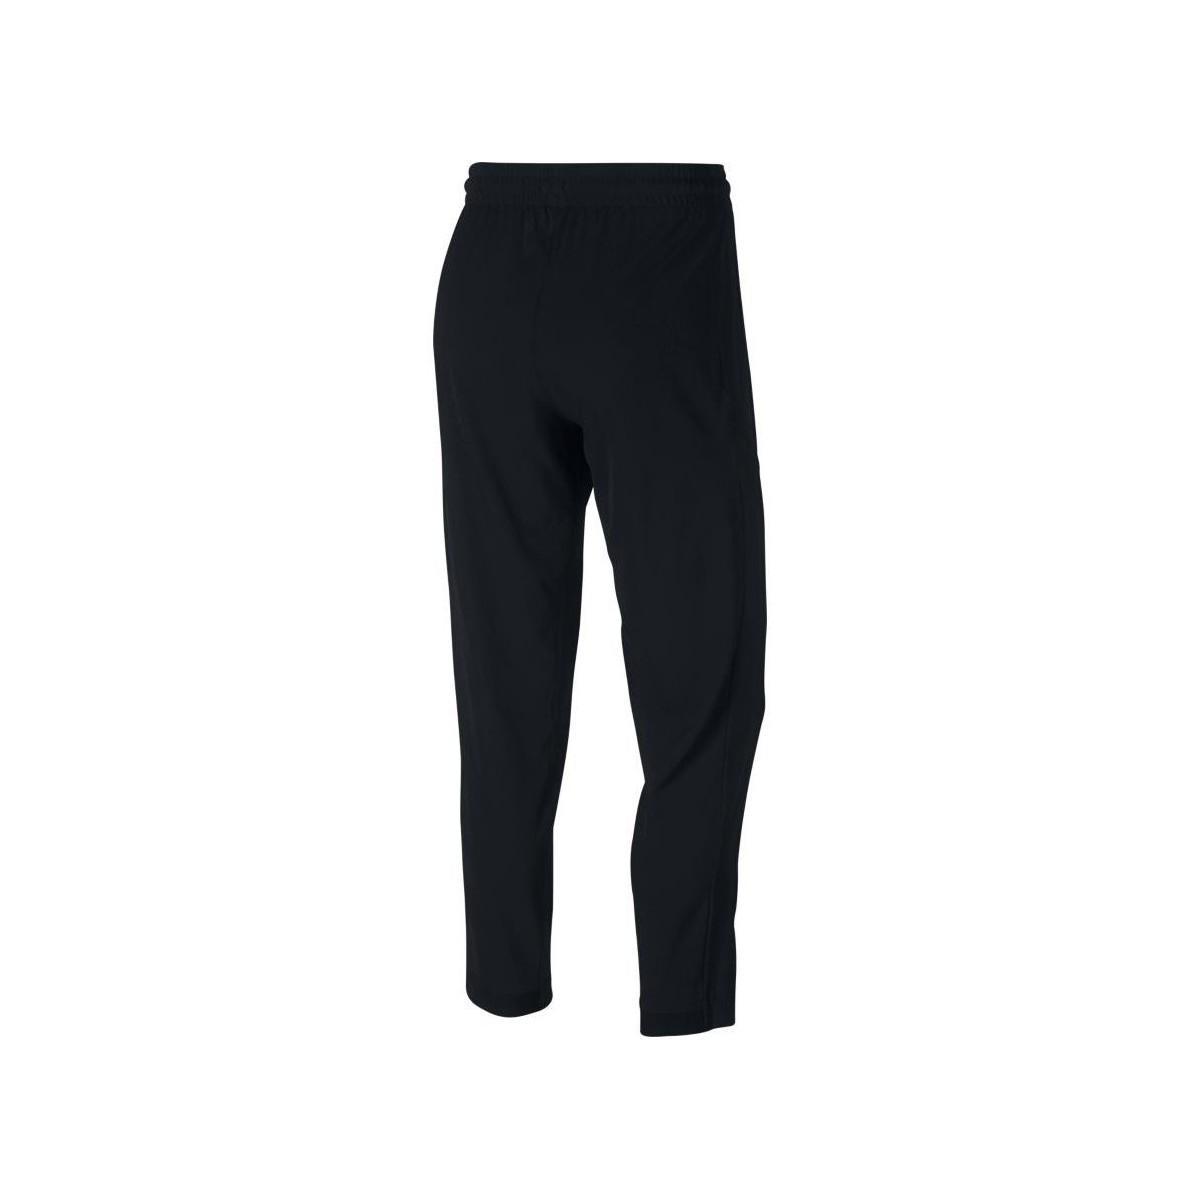 Nike Trainingsbroek Flex Basketball Pants in het Zwart voor heren